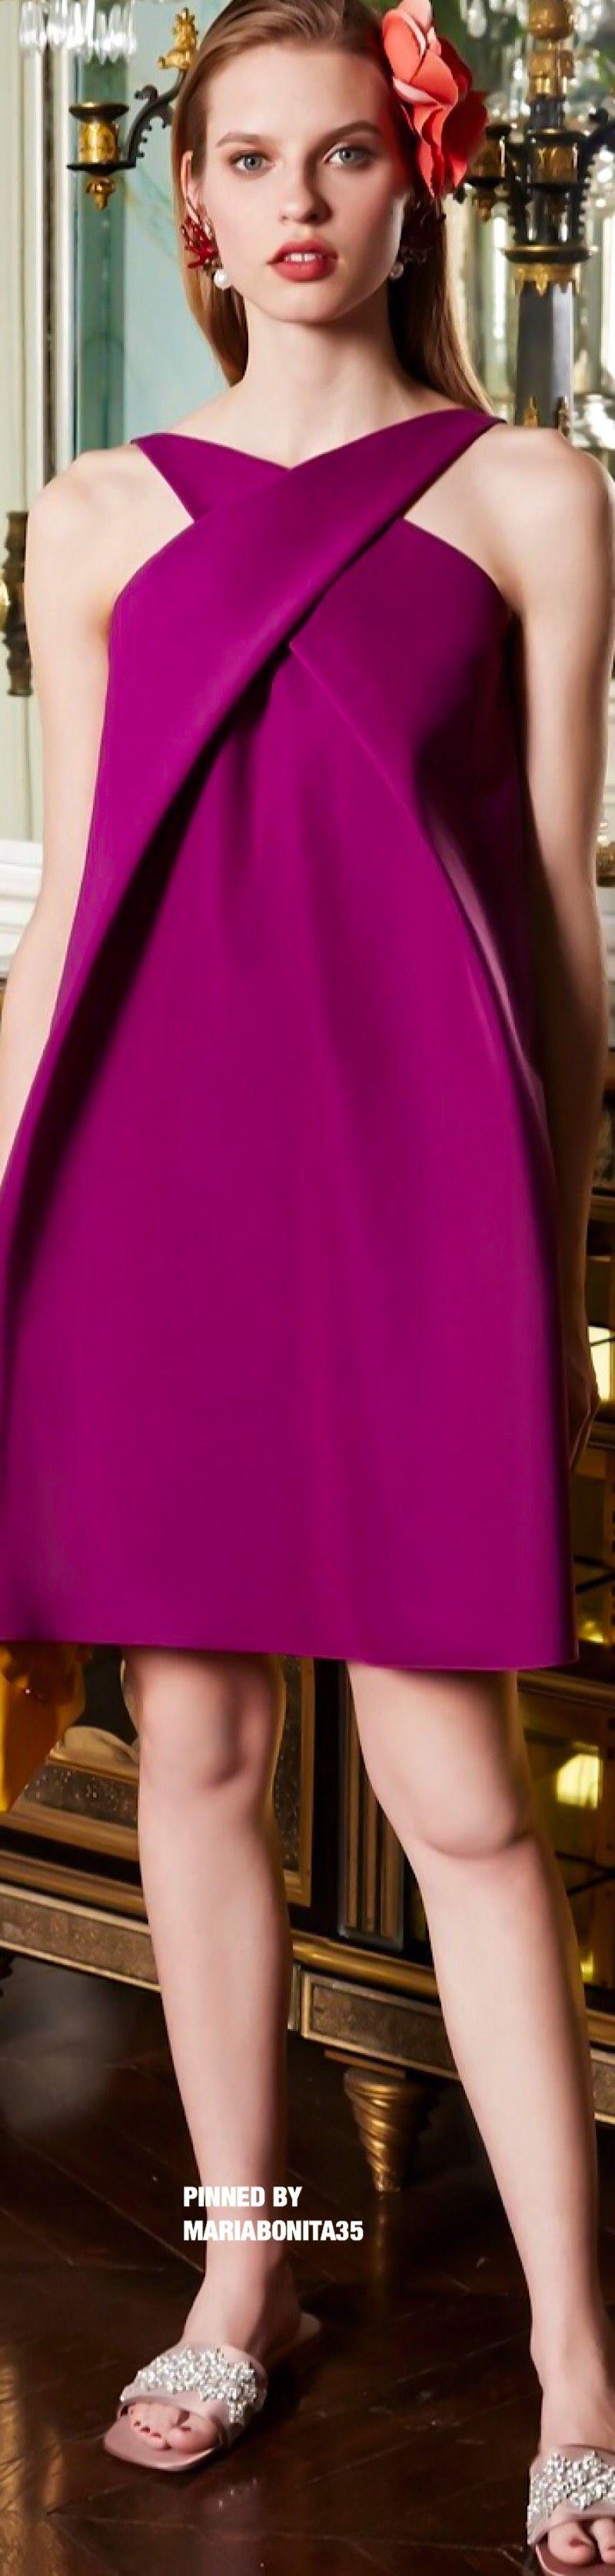 Perfecto Vestidos De Dama De Colores Neutros Ilustración - Vestido ...